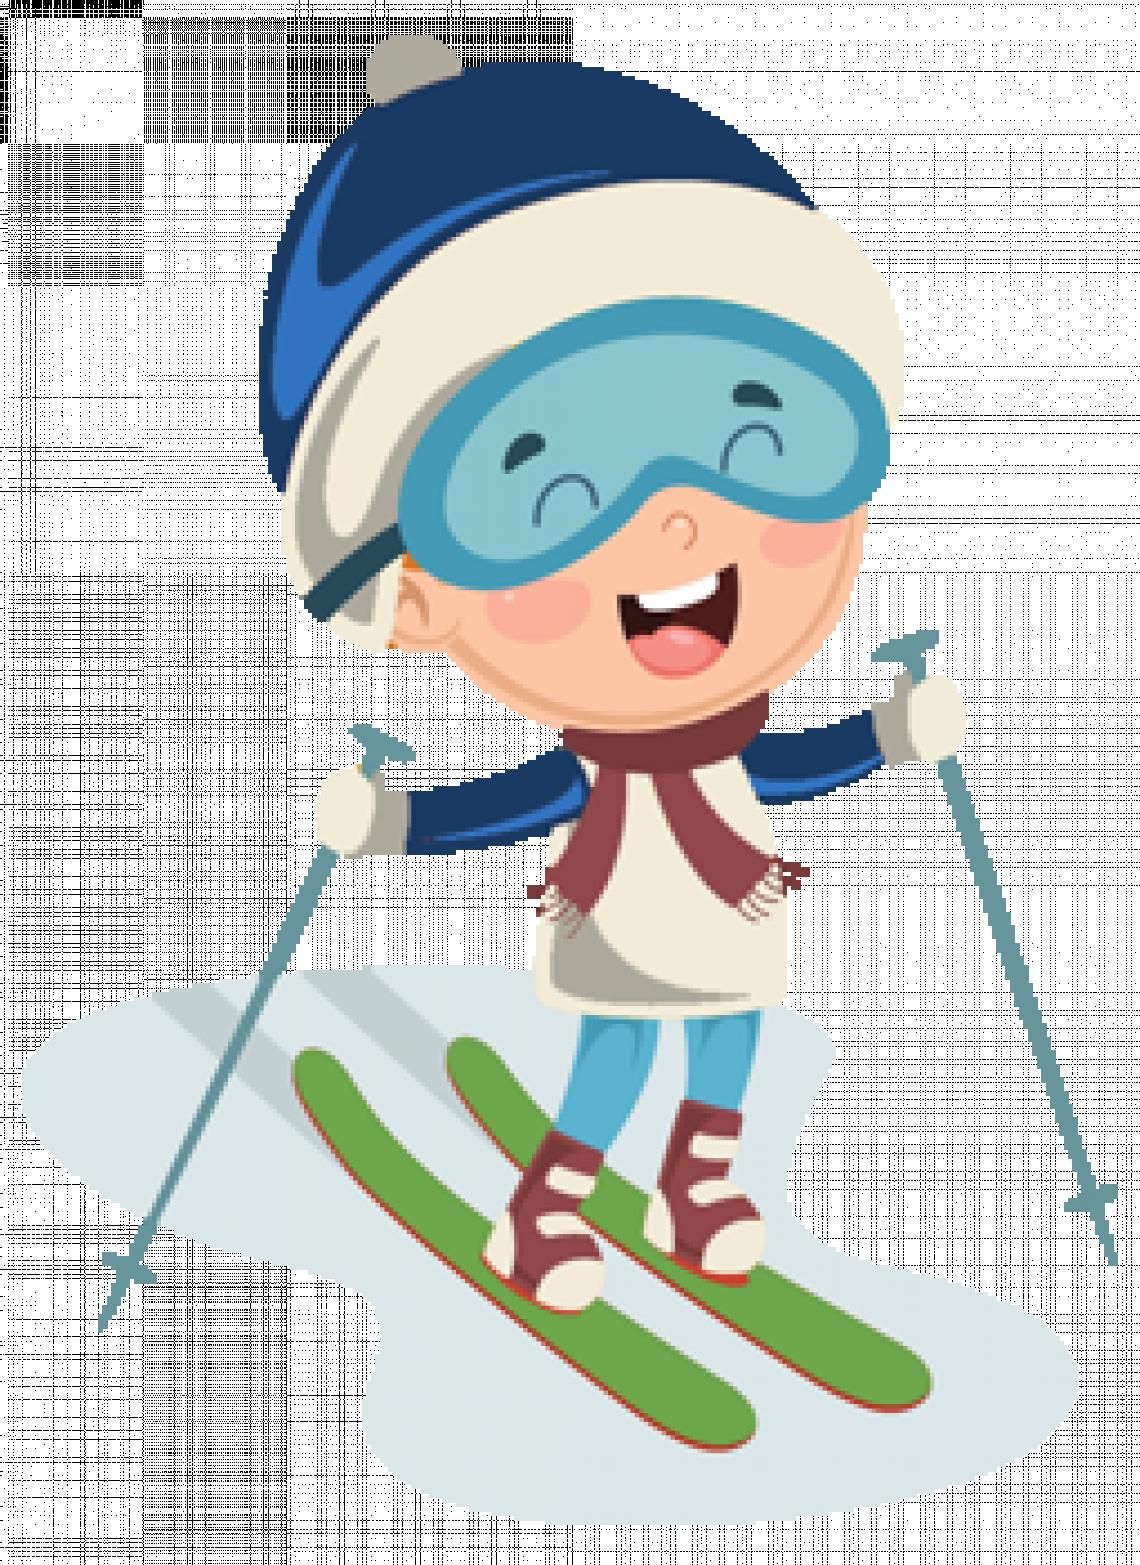 skiferie med børn, børnevenlige skiområder